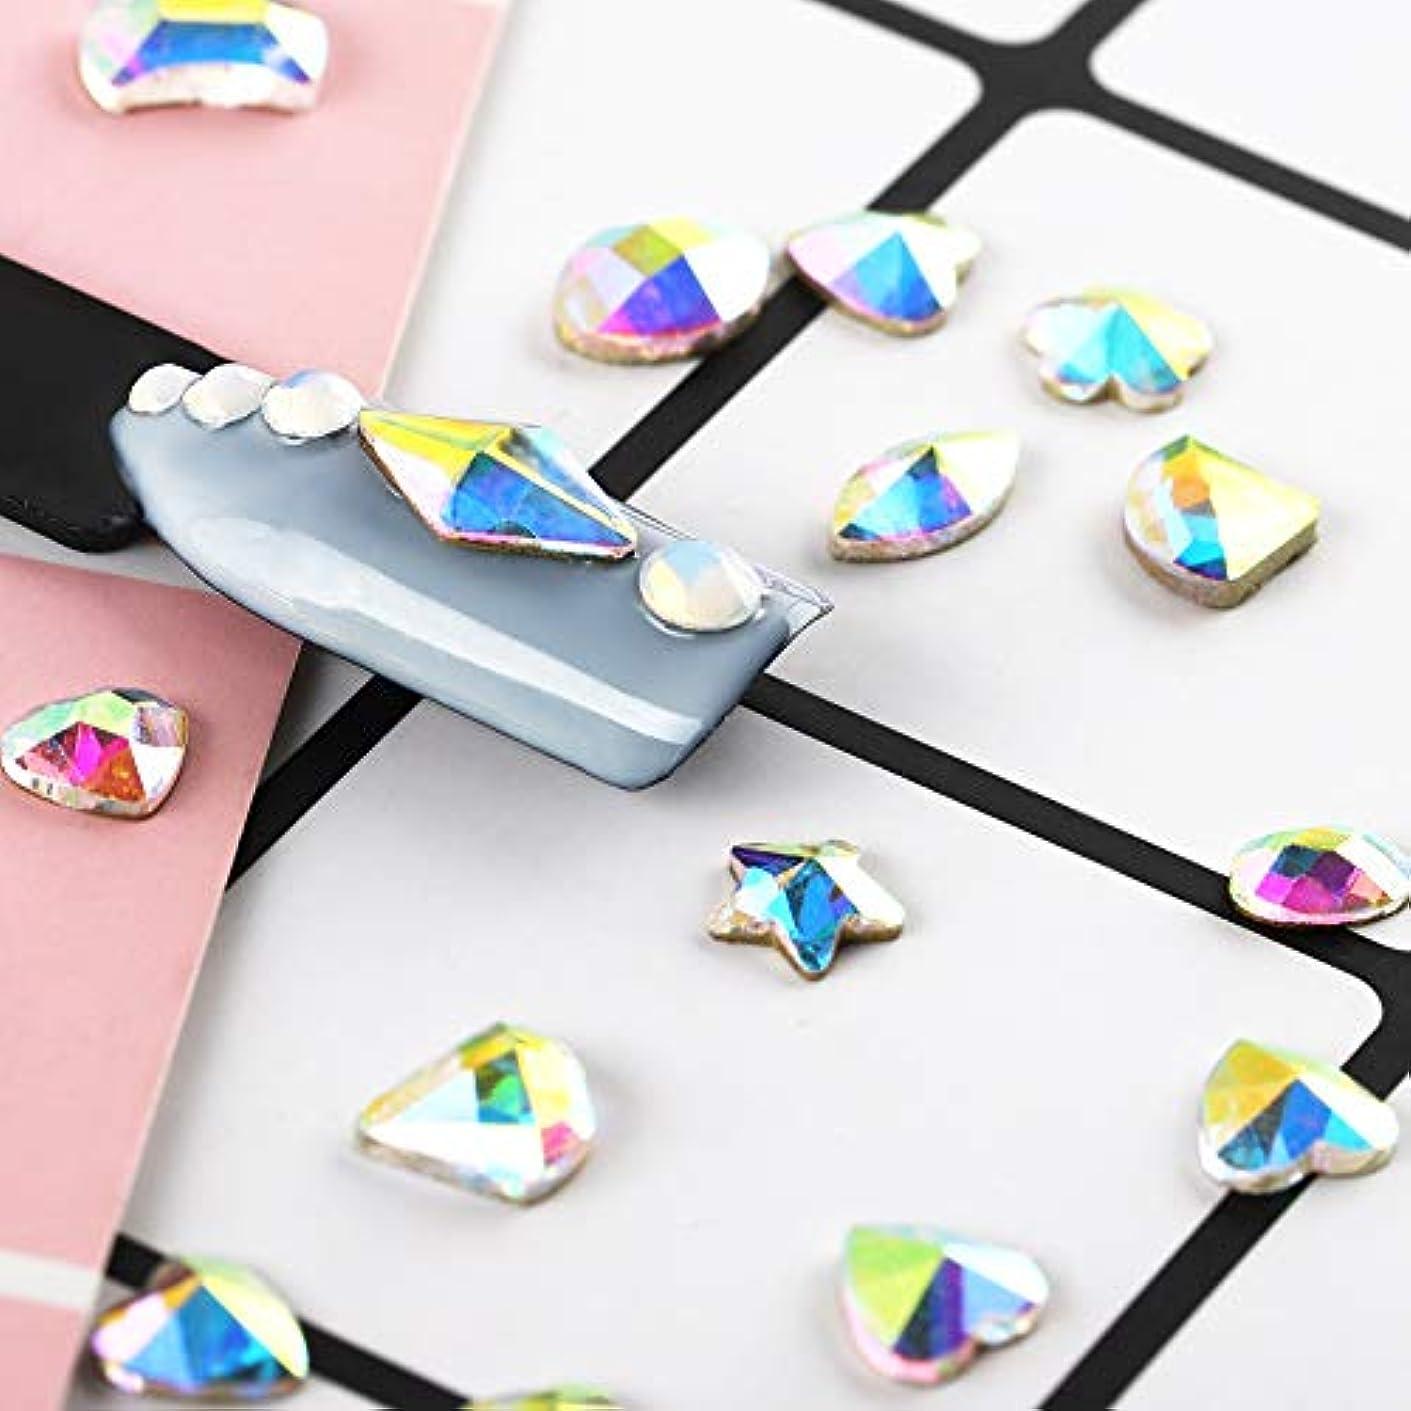 行くキャンバス日記ネイルダイヤモンド ネイル デコ用 ラウンドケース入 ネイルアートパーツ ネイル用品